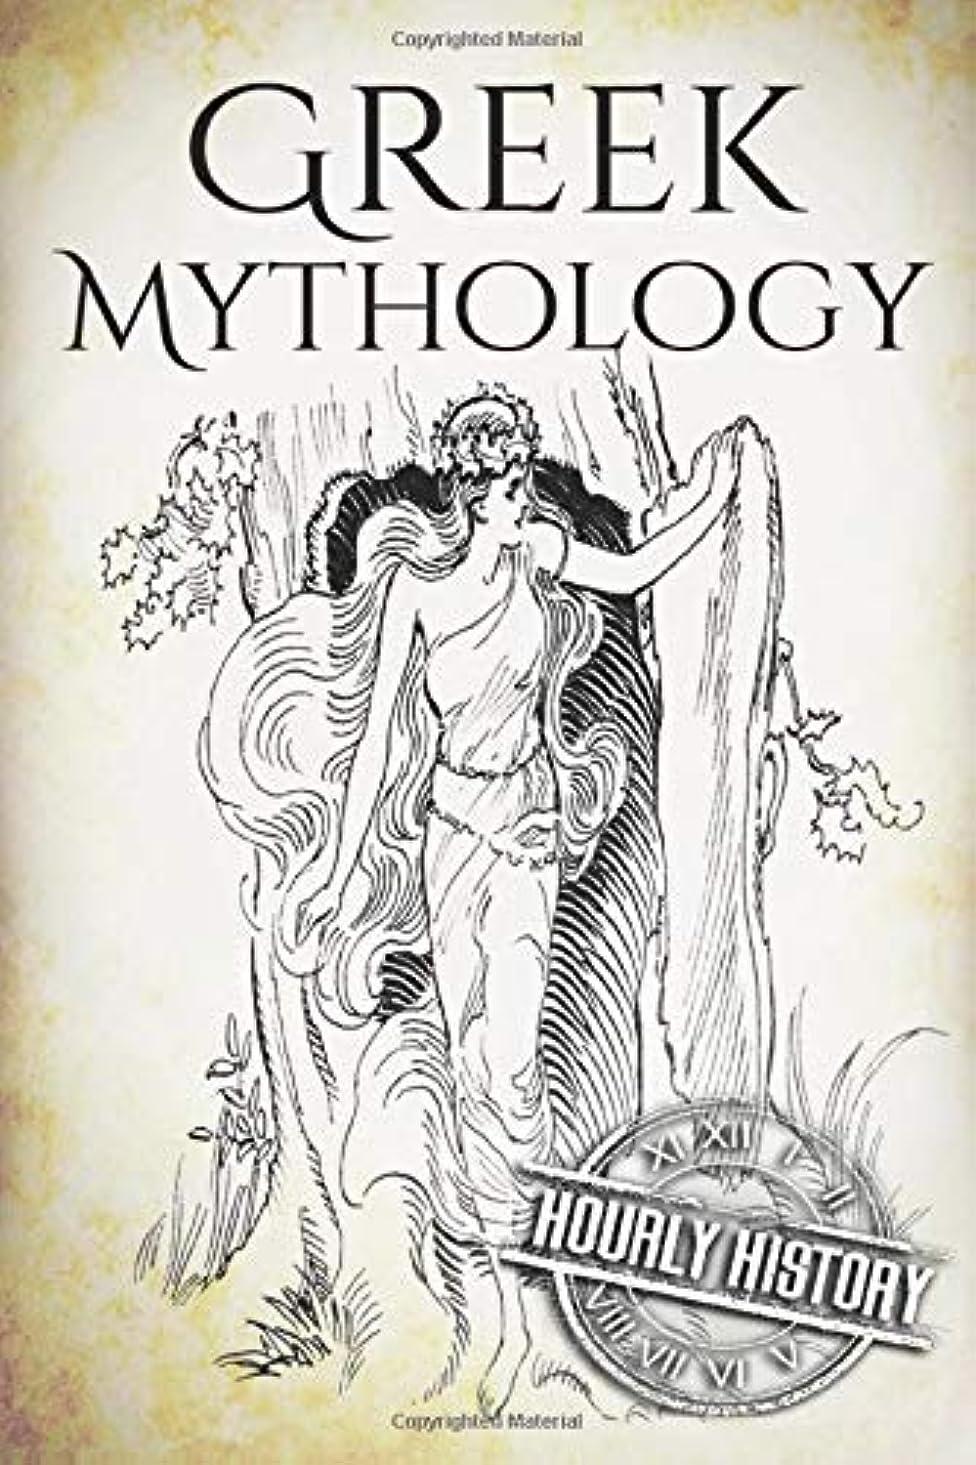 どこでも司教クローゼットGreek Mythology: A Concise Guide to Ancient Gods, Heroes, Beliefs and Myths of Greek Mythology [Booklet] (Greek Mythology - Norse Mythology - Egyptian Mythology)